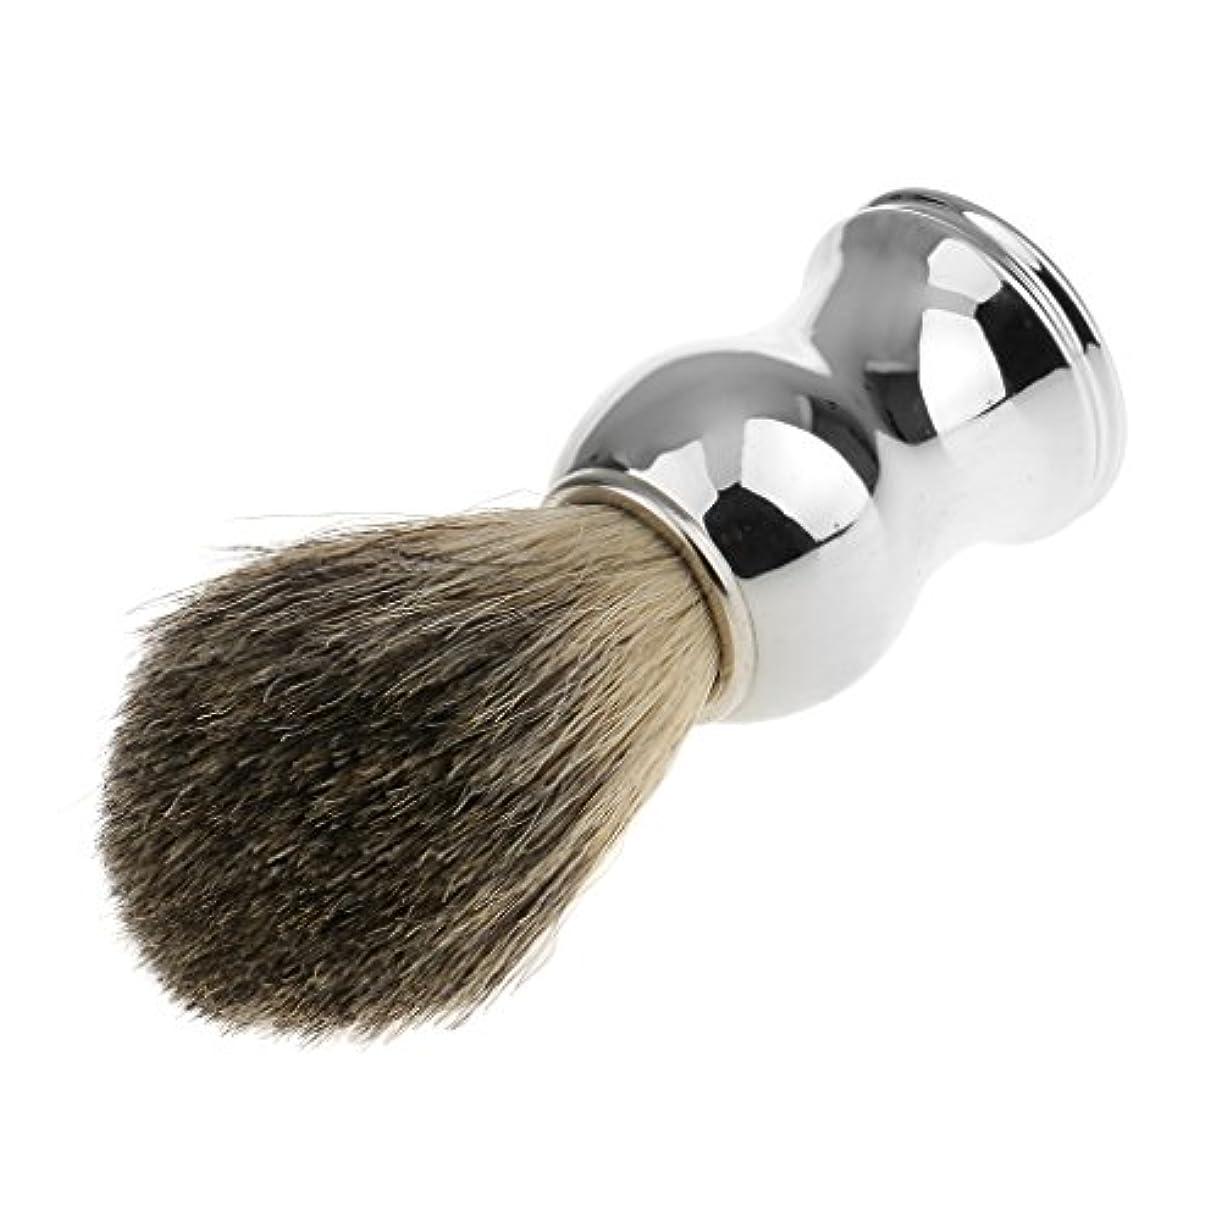 ポンド過剰規則性Perfk 人工毛 シェービングブラシ 柔らかい 理容  洗顔  髭剃り 便携 乾くやすい 11.2cm 全2色 - シルバーハンドル